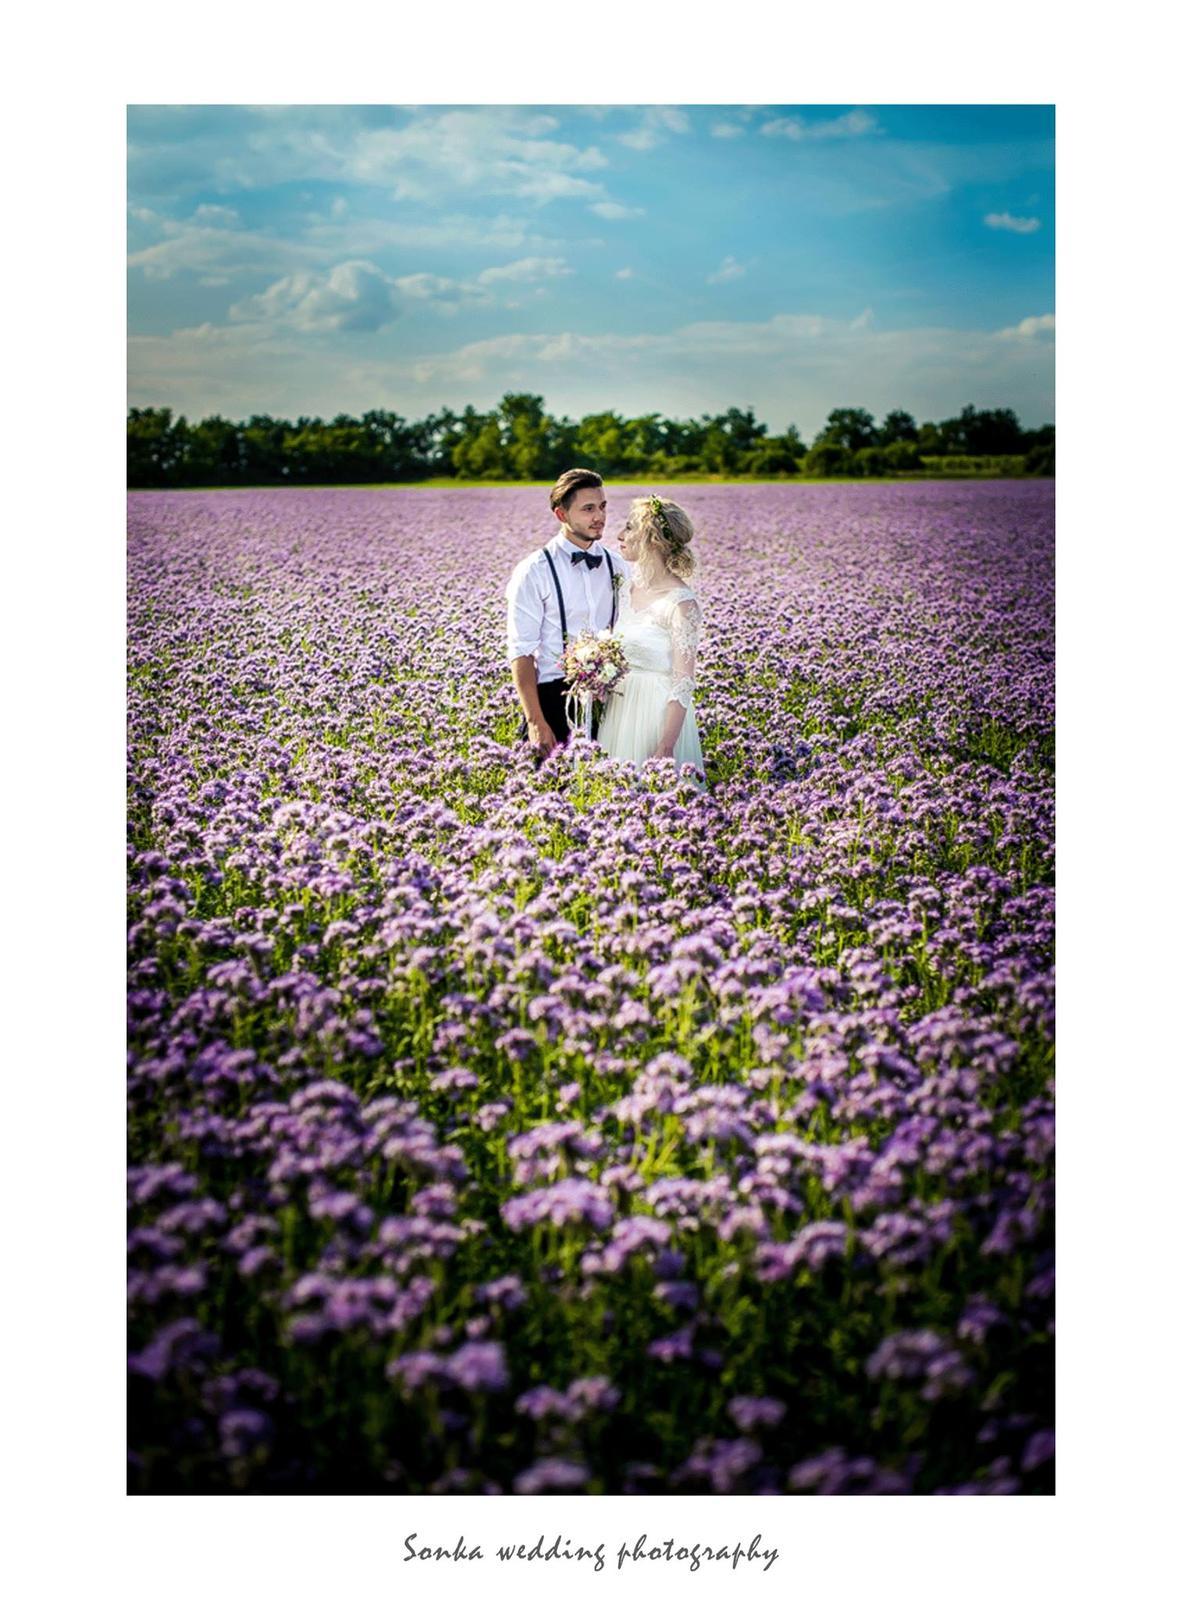 Wedding photography - Obrázek č. 18